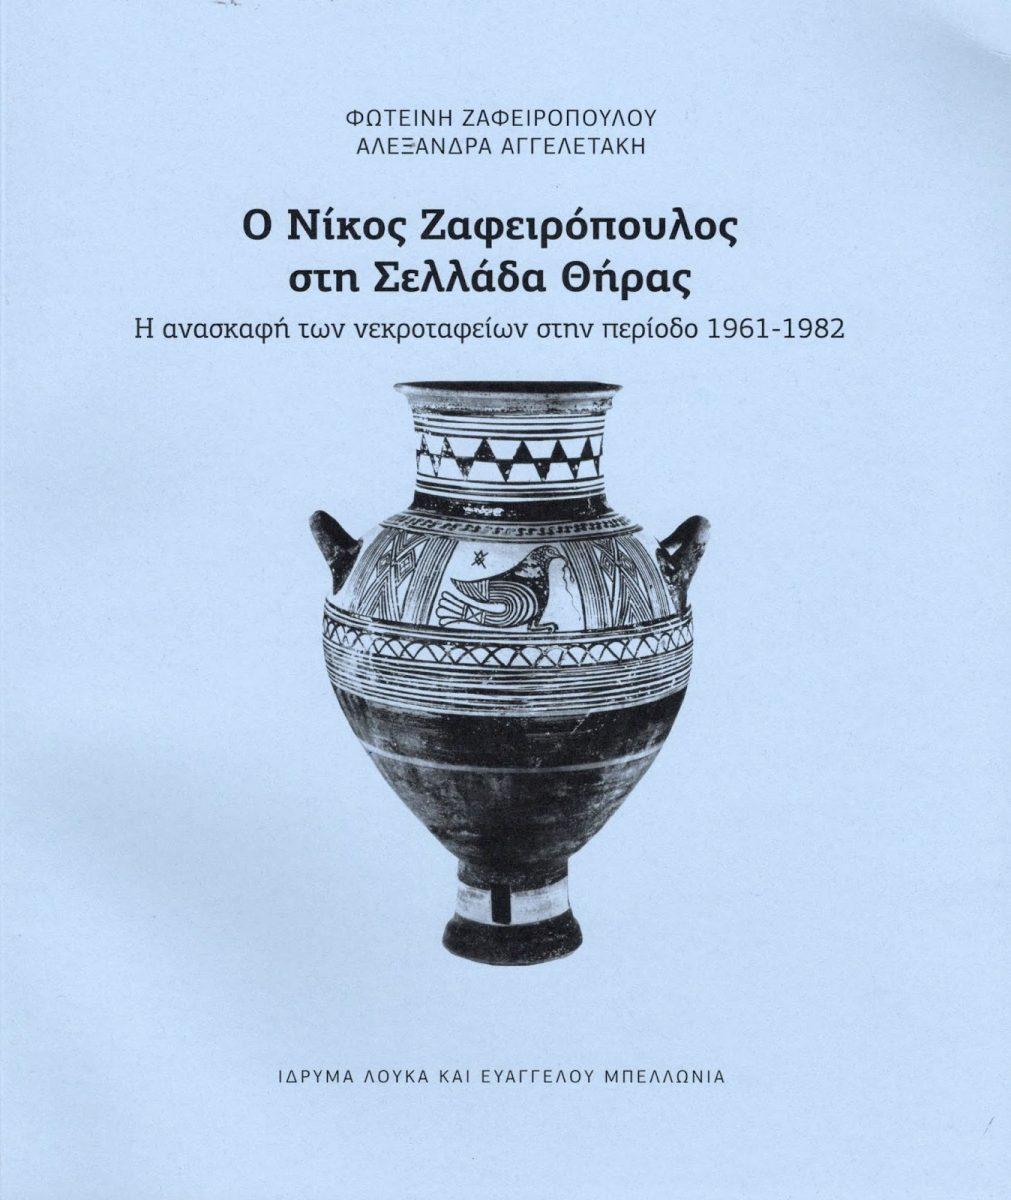 Ο Νίκος Ζαφειρόπουλος στη Σελλάδα Θήρας